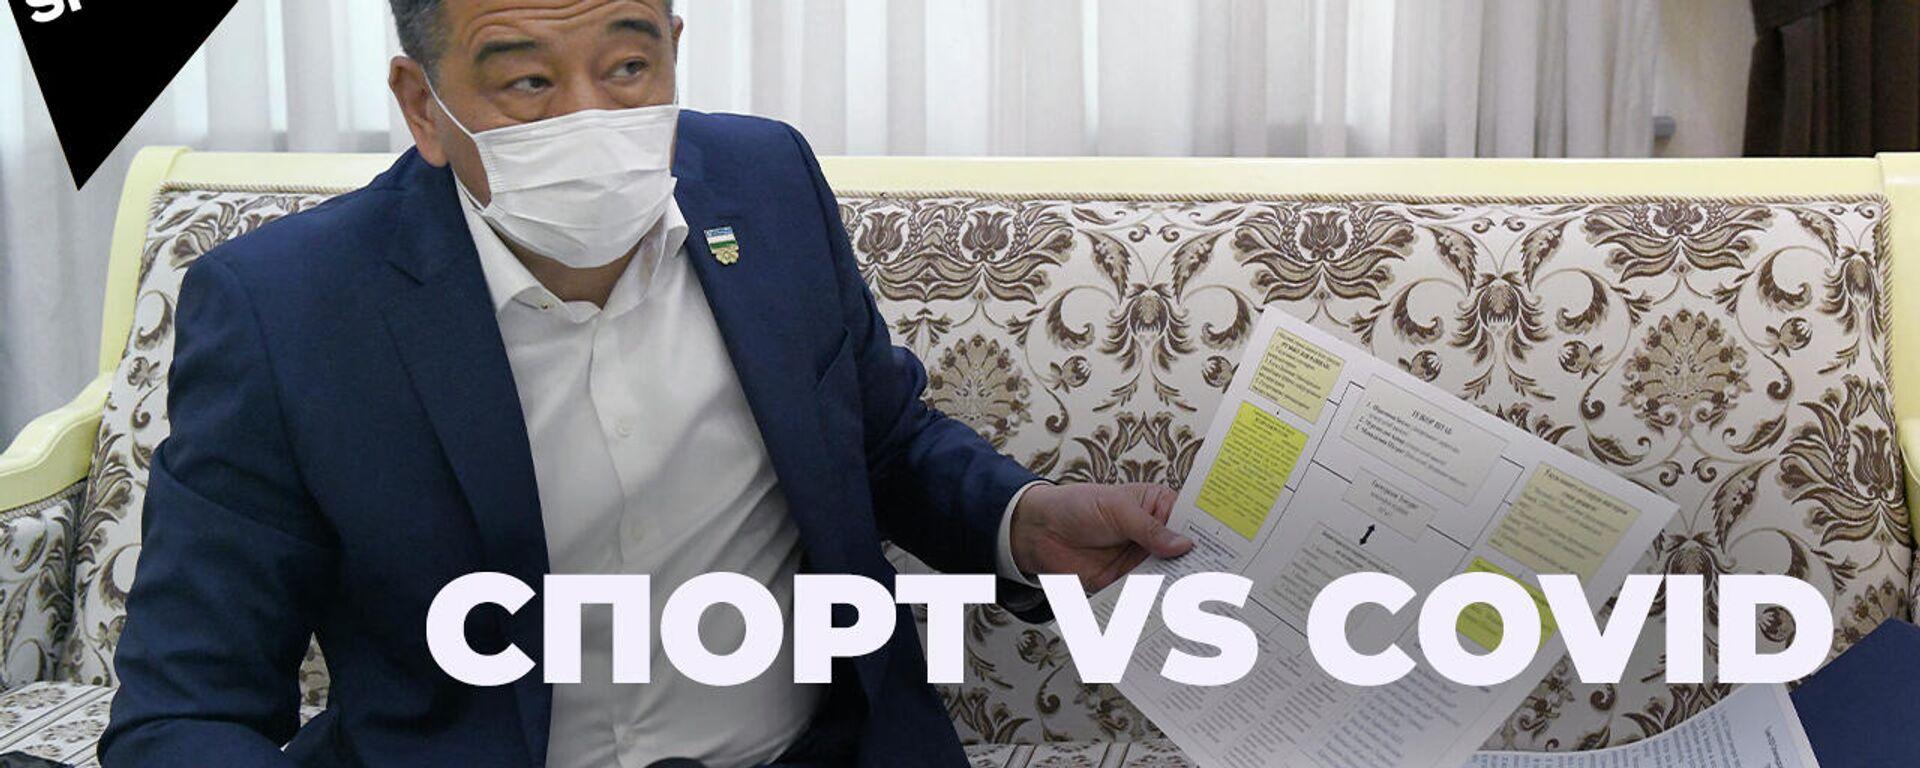 Узбекистанские спортсмены намерены вакцинироваться перед Олимпиадой в Токио - председатель НОК - Sputnik Узбекистан, 1920, 29.04.2021